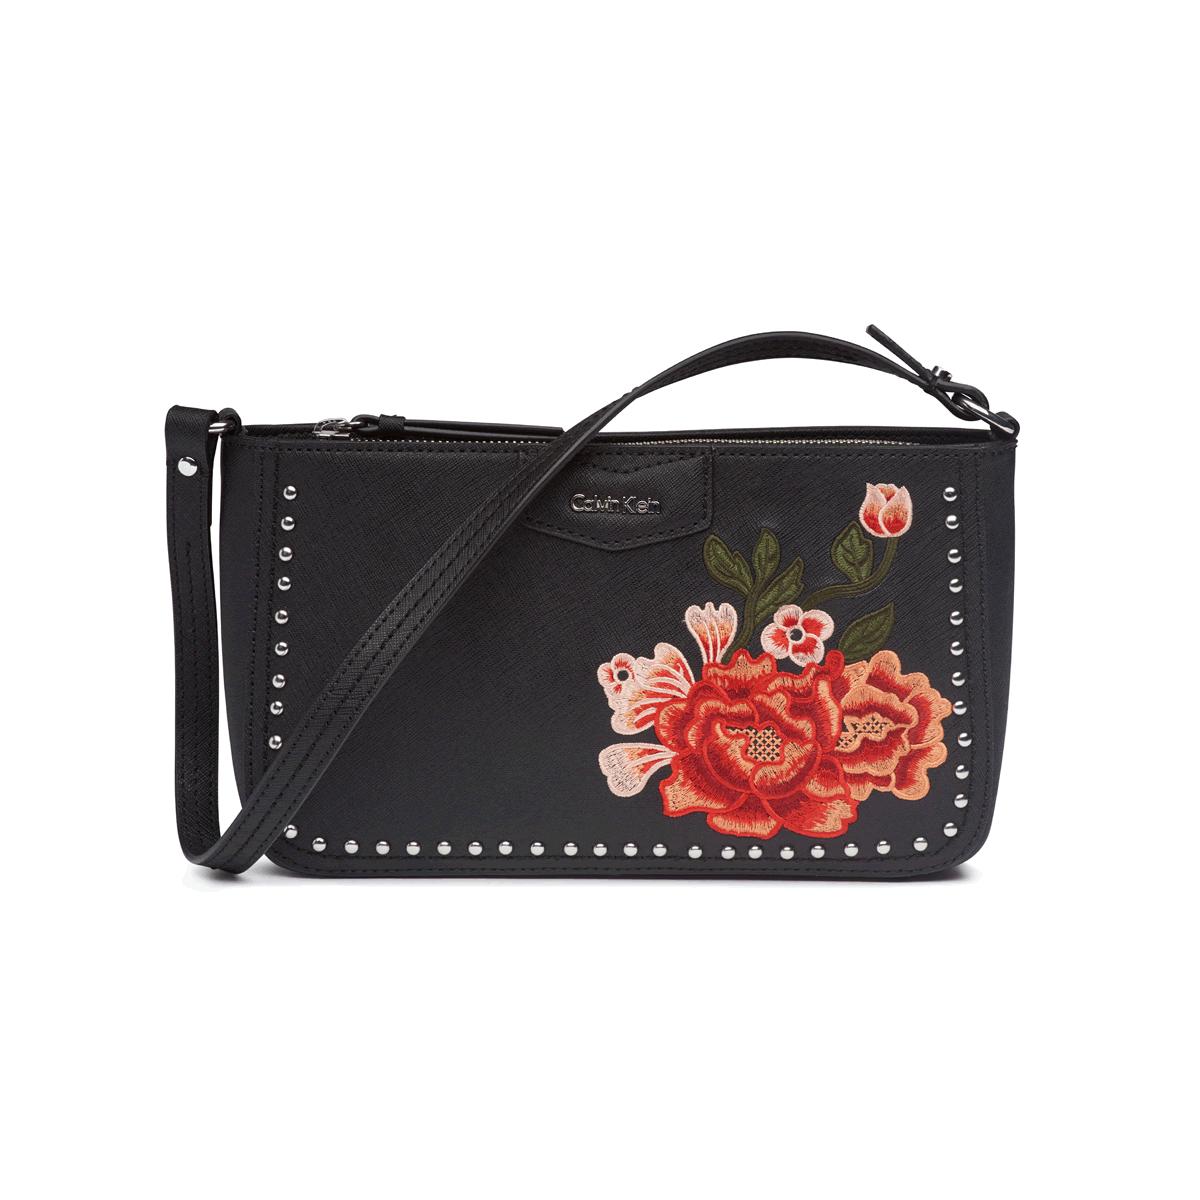 a403aa1a0ea9 Calvin Klein Handbags & Bags - Macy's